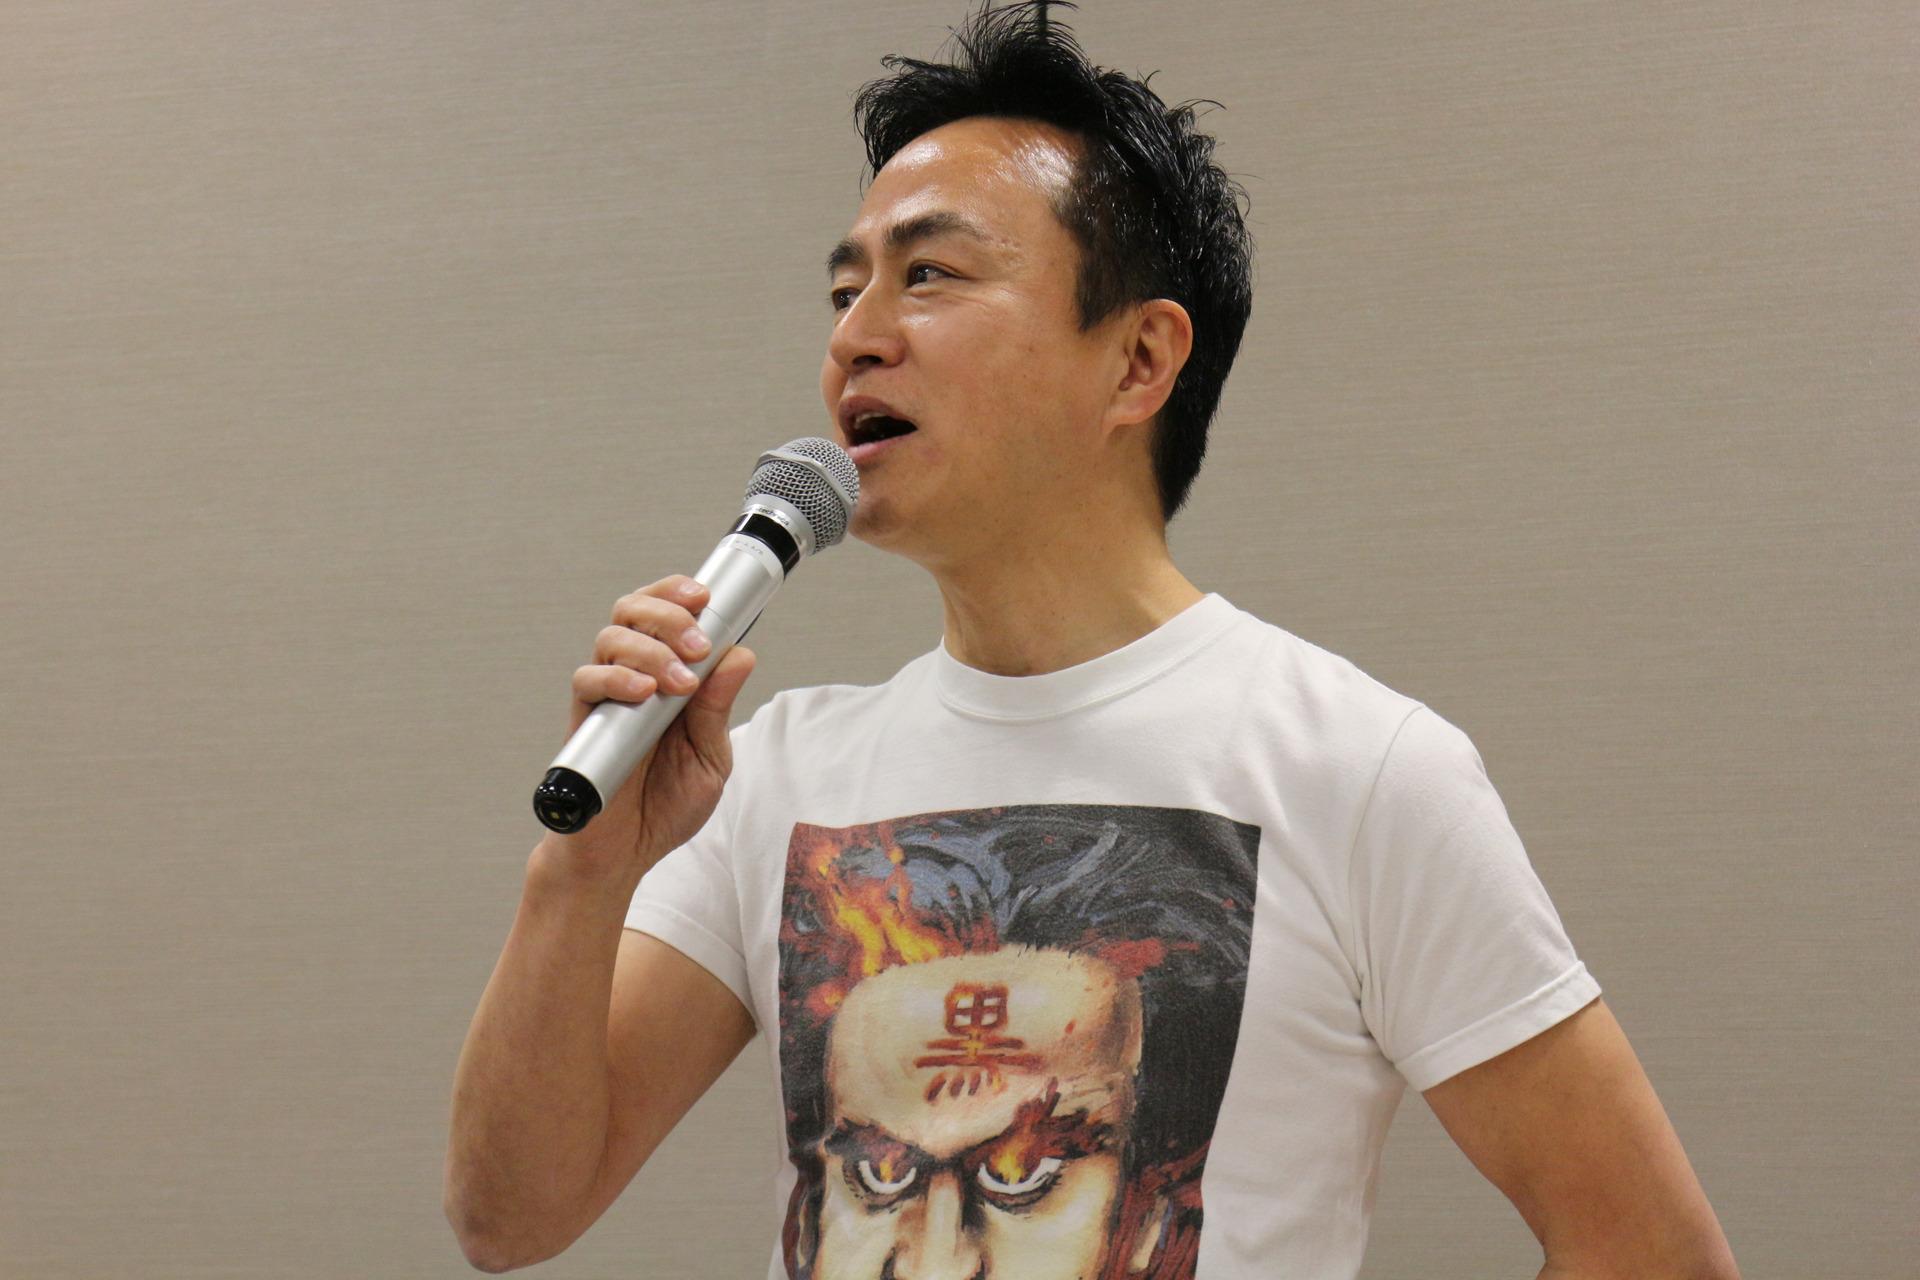 「黒川塾」主催の黒川文雄氏